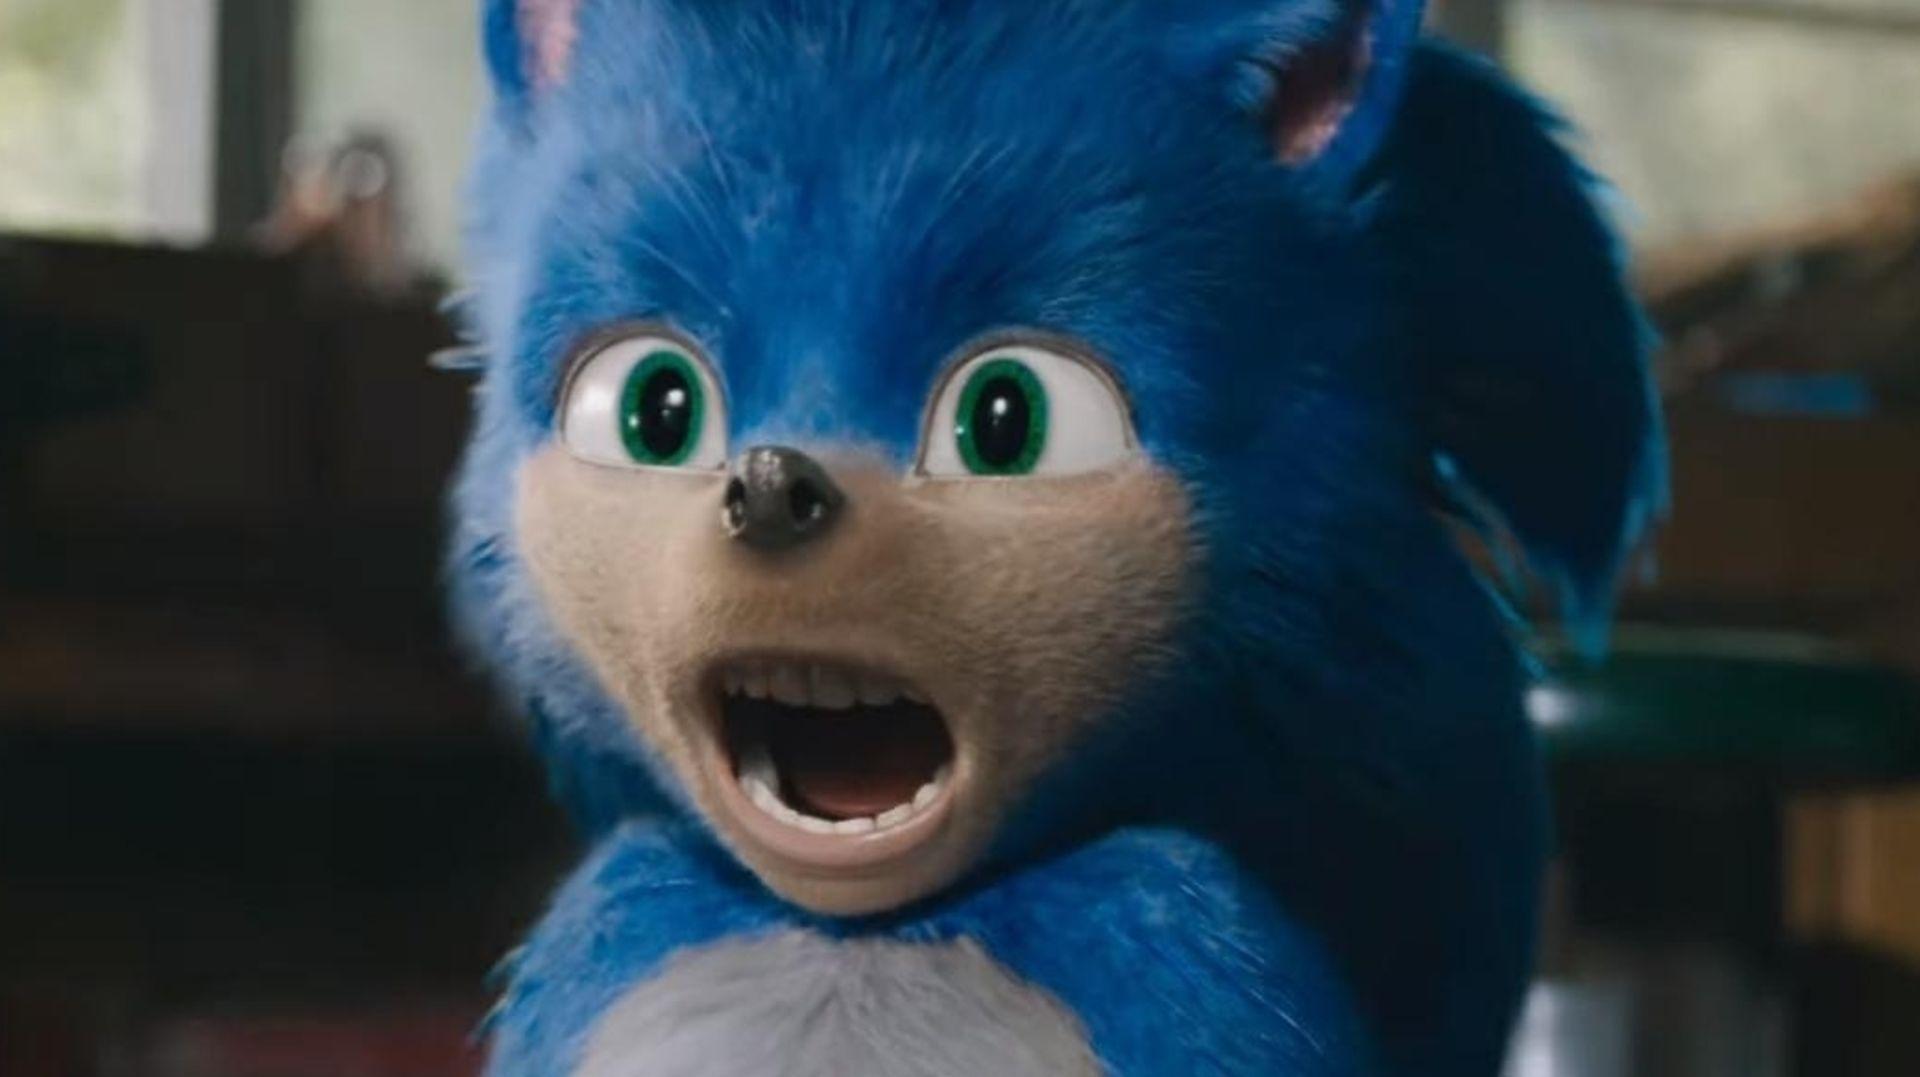 Sonic The Hedgehog film designs ændres efter kritik